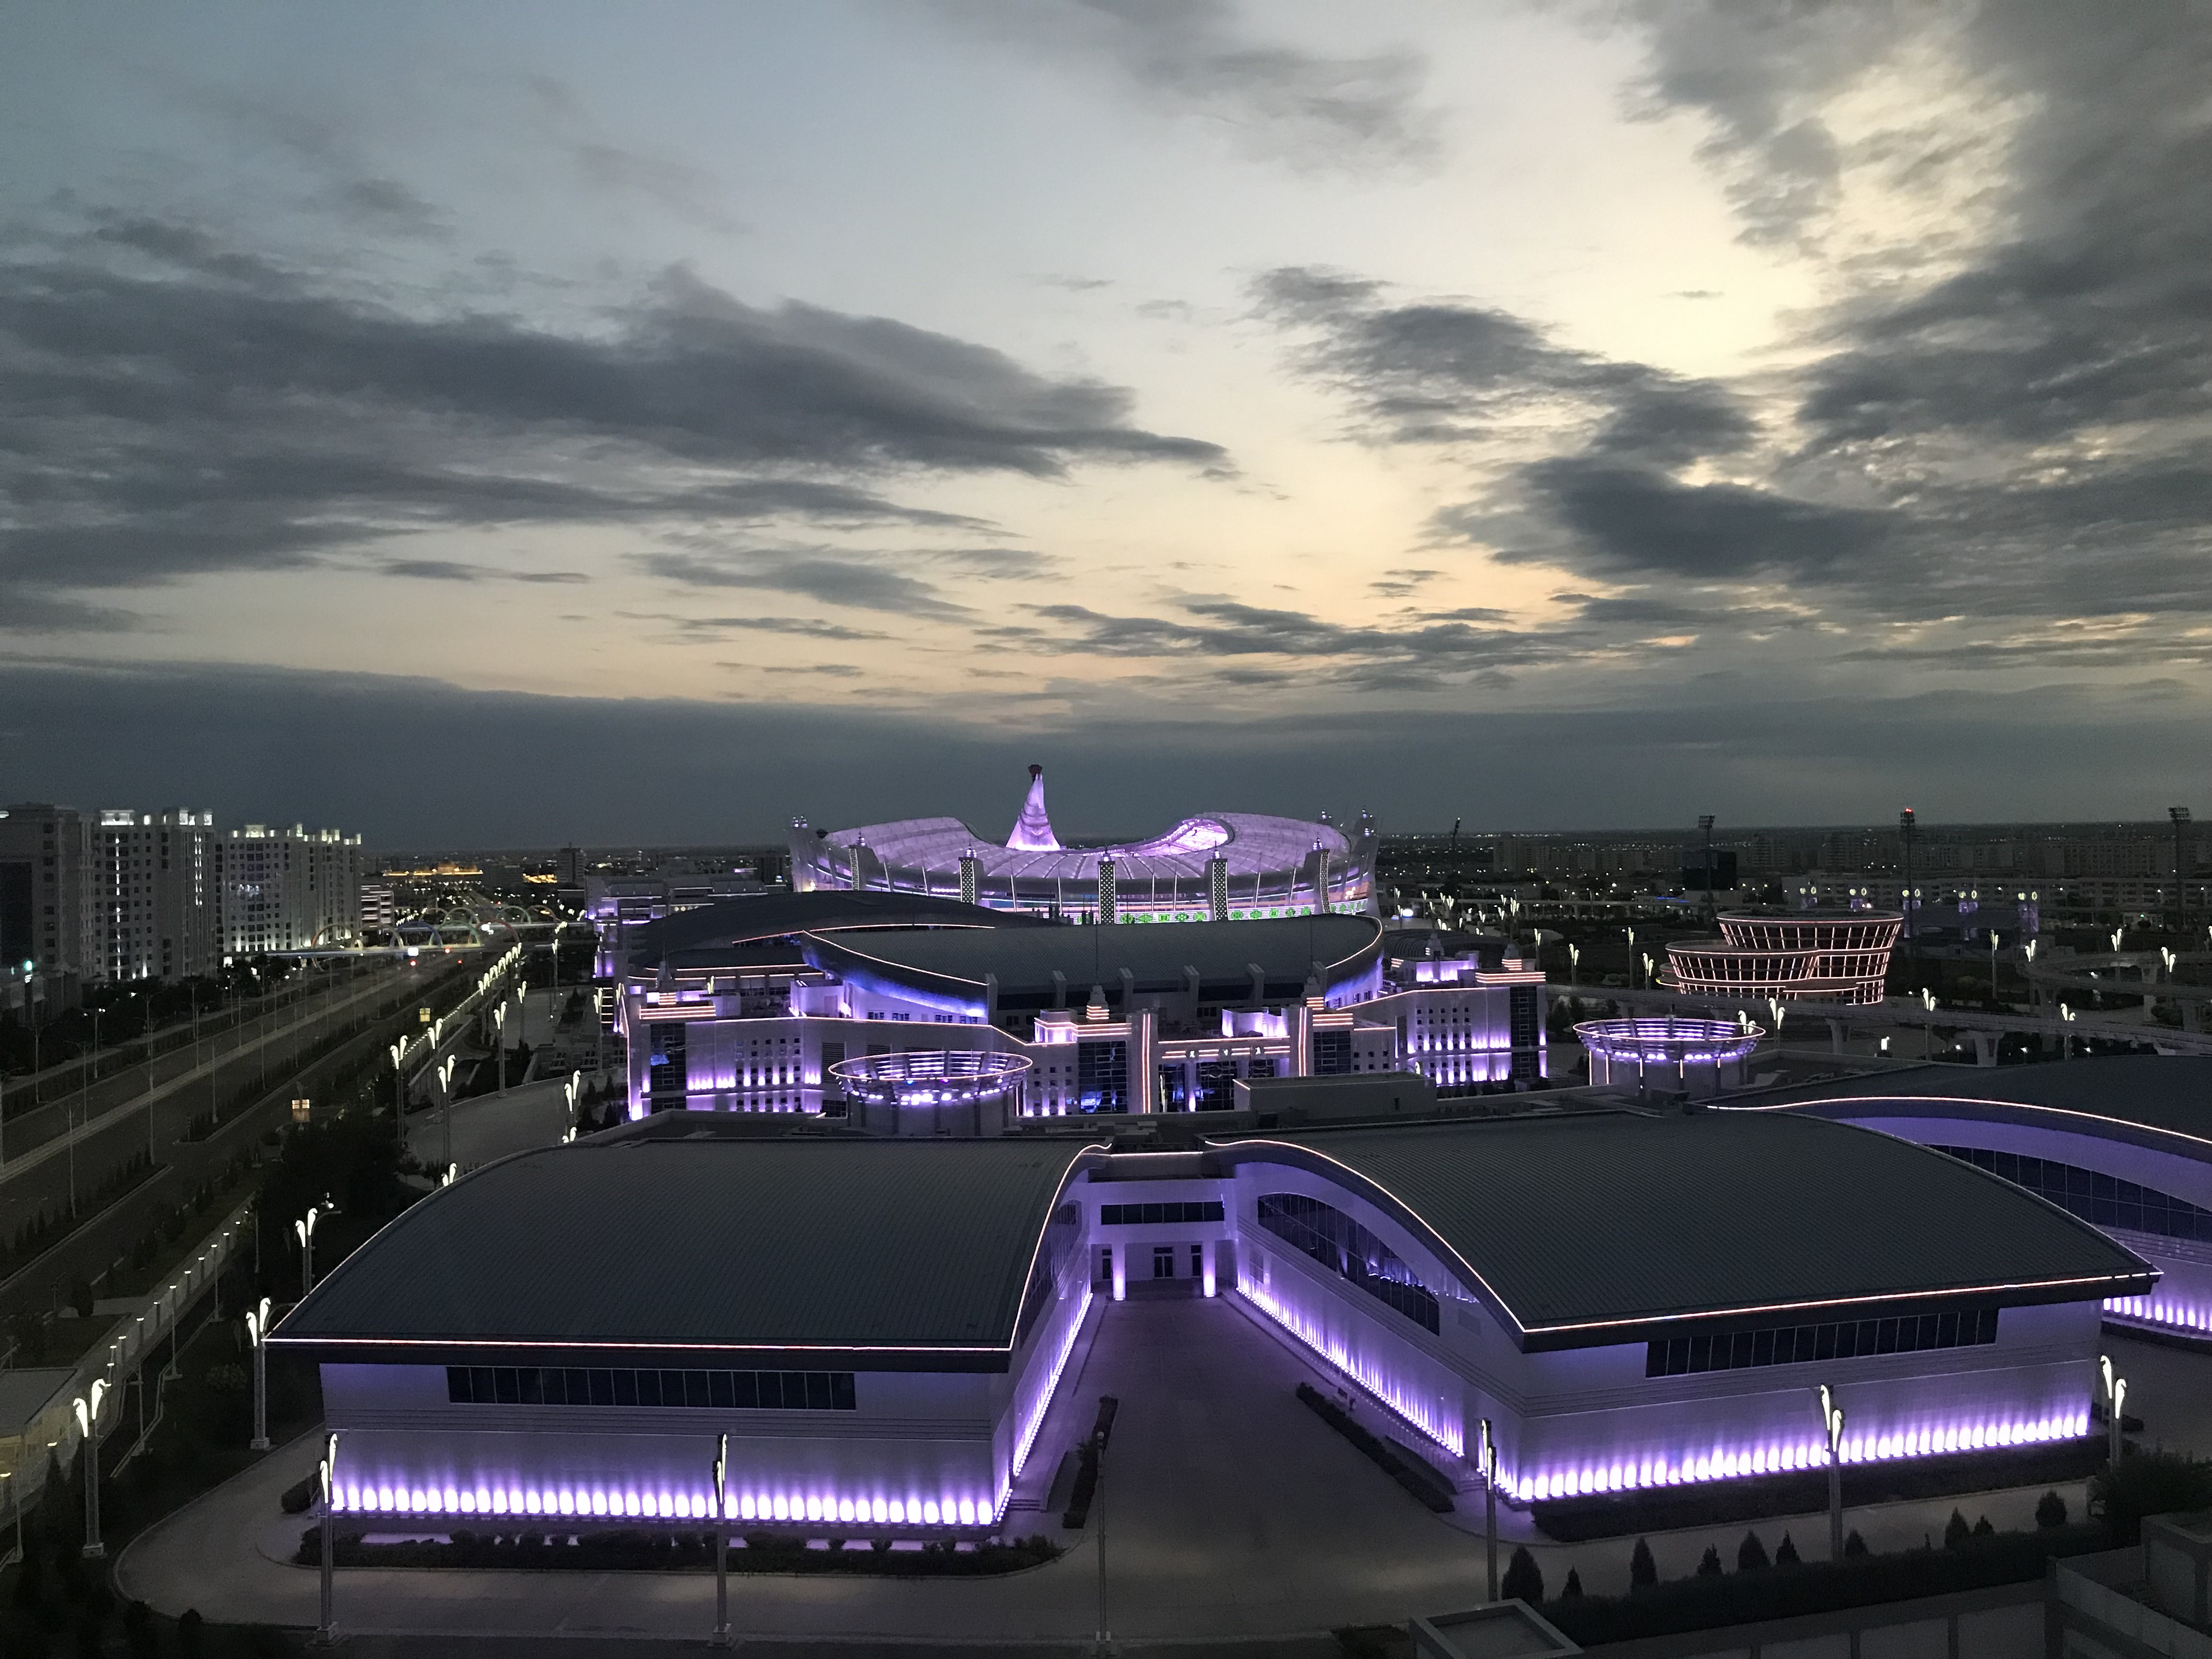 아슈바하트 올림피아드 경기장(사진).jpg